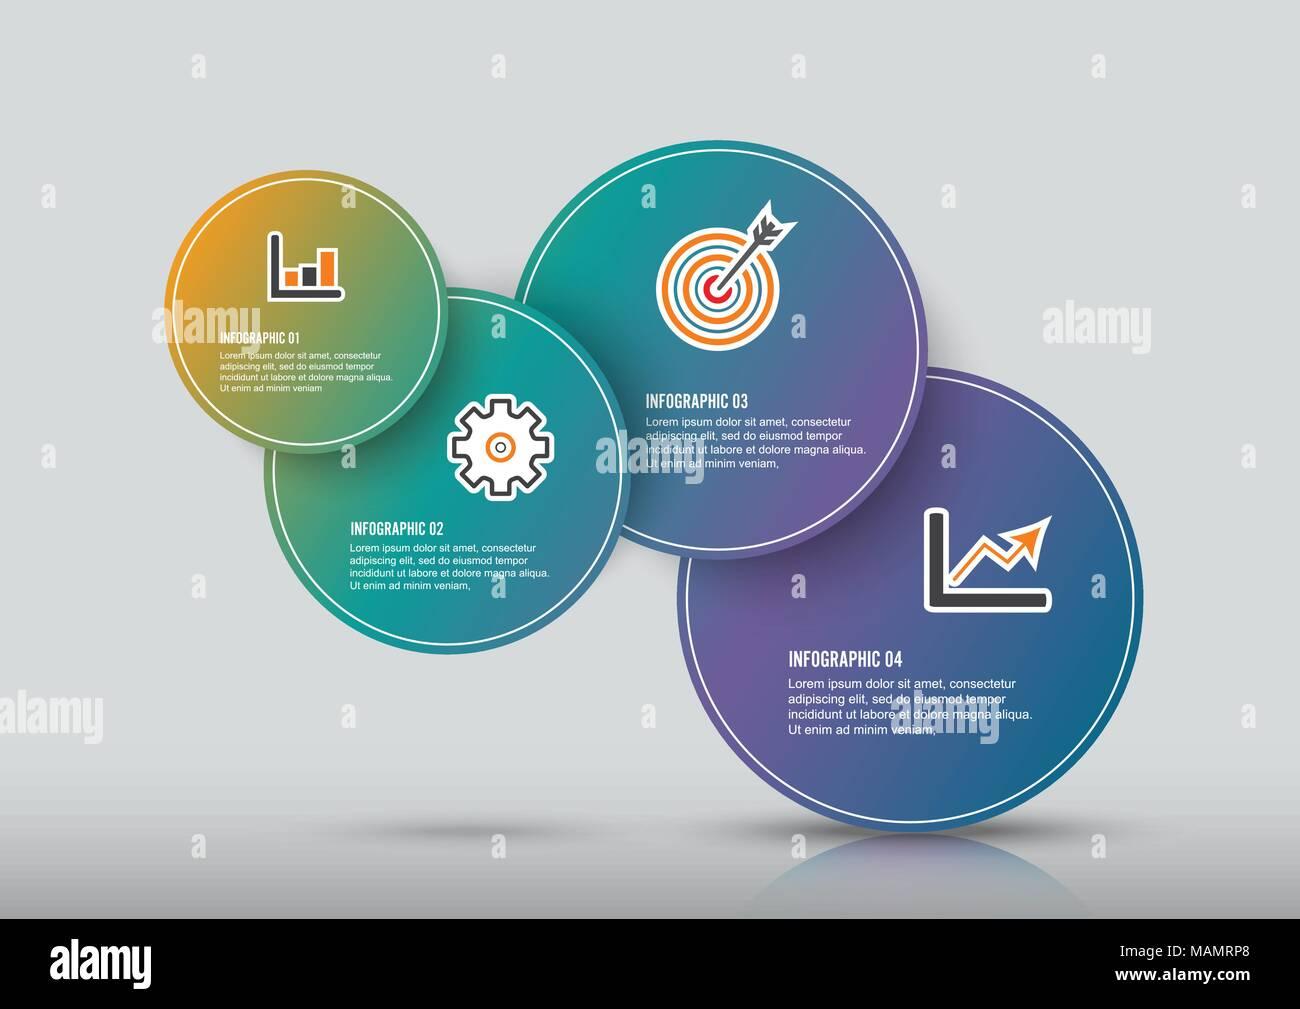 hight resolution of infograf a dise o y comercializaci n de vectores iconos pueden ser utilizados para el dise o de flujo de trabajo un diagrama